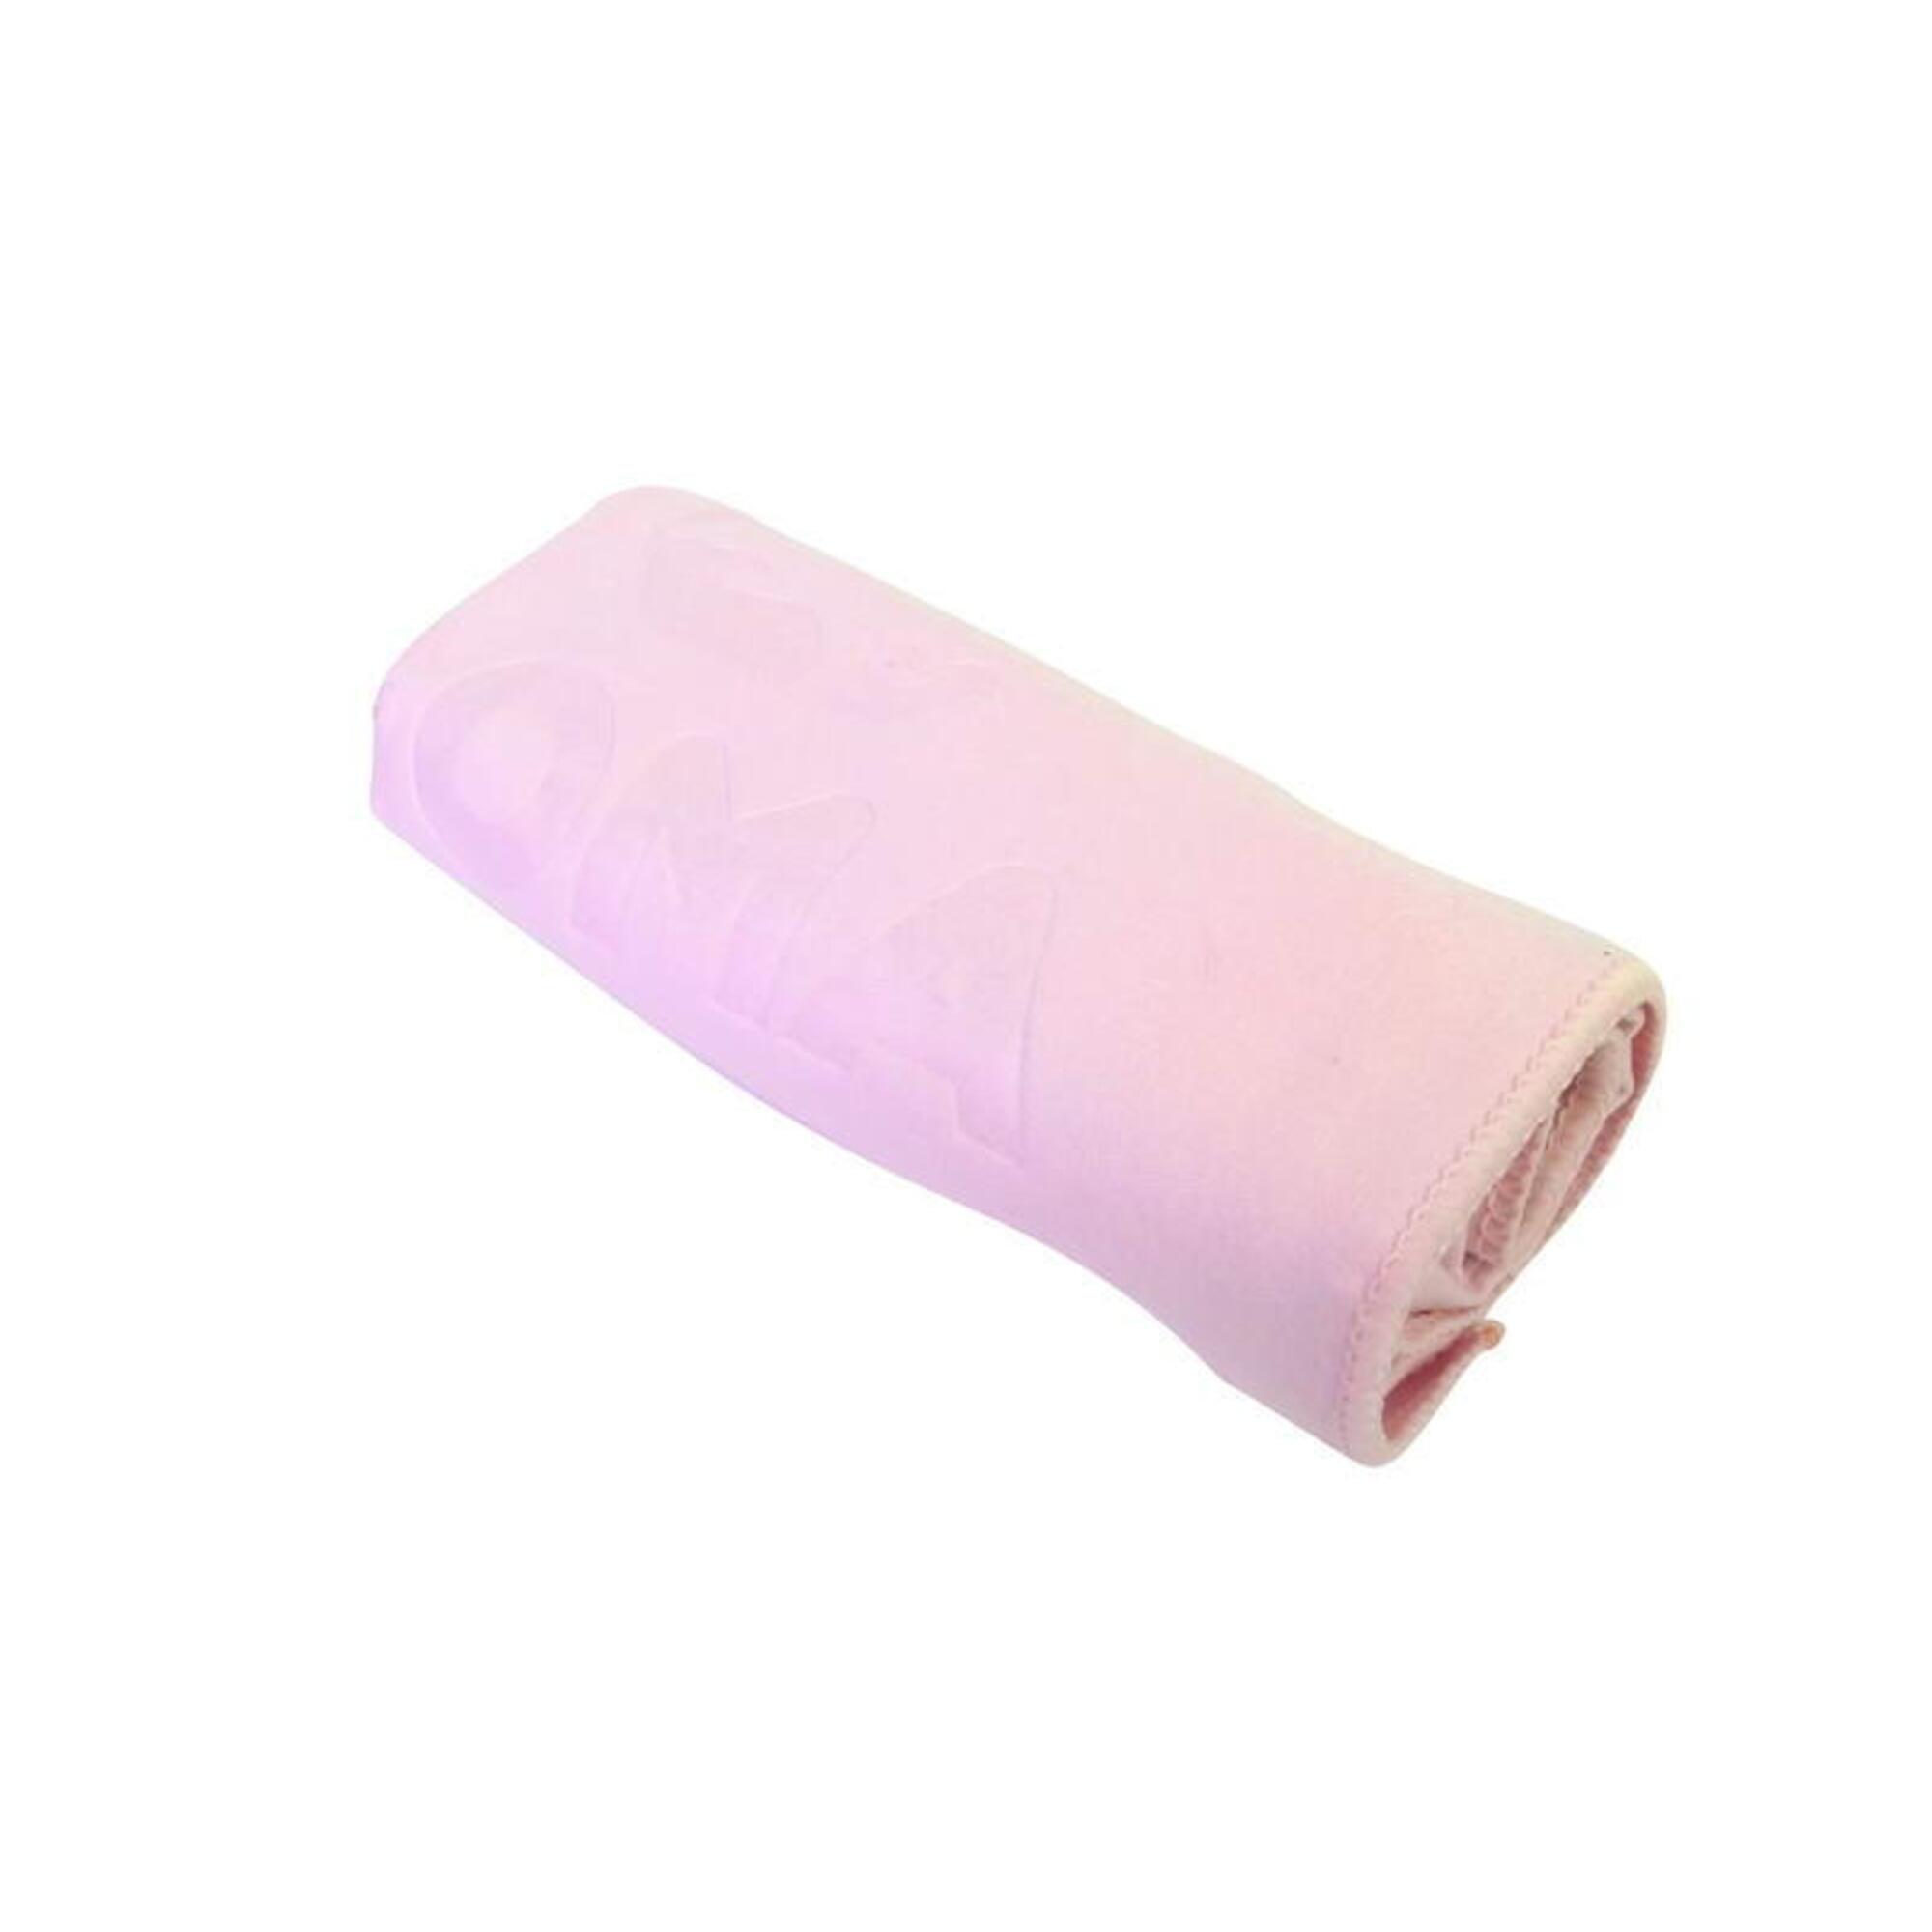 微纖吸水毛巾, 粉紅色